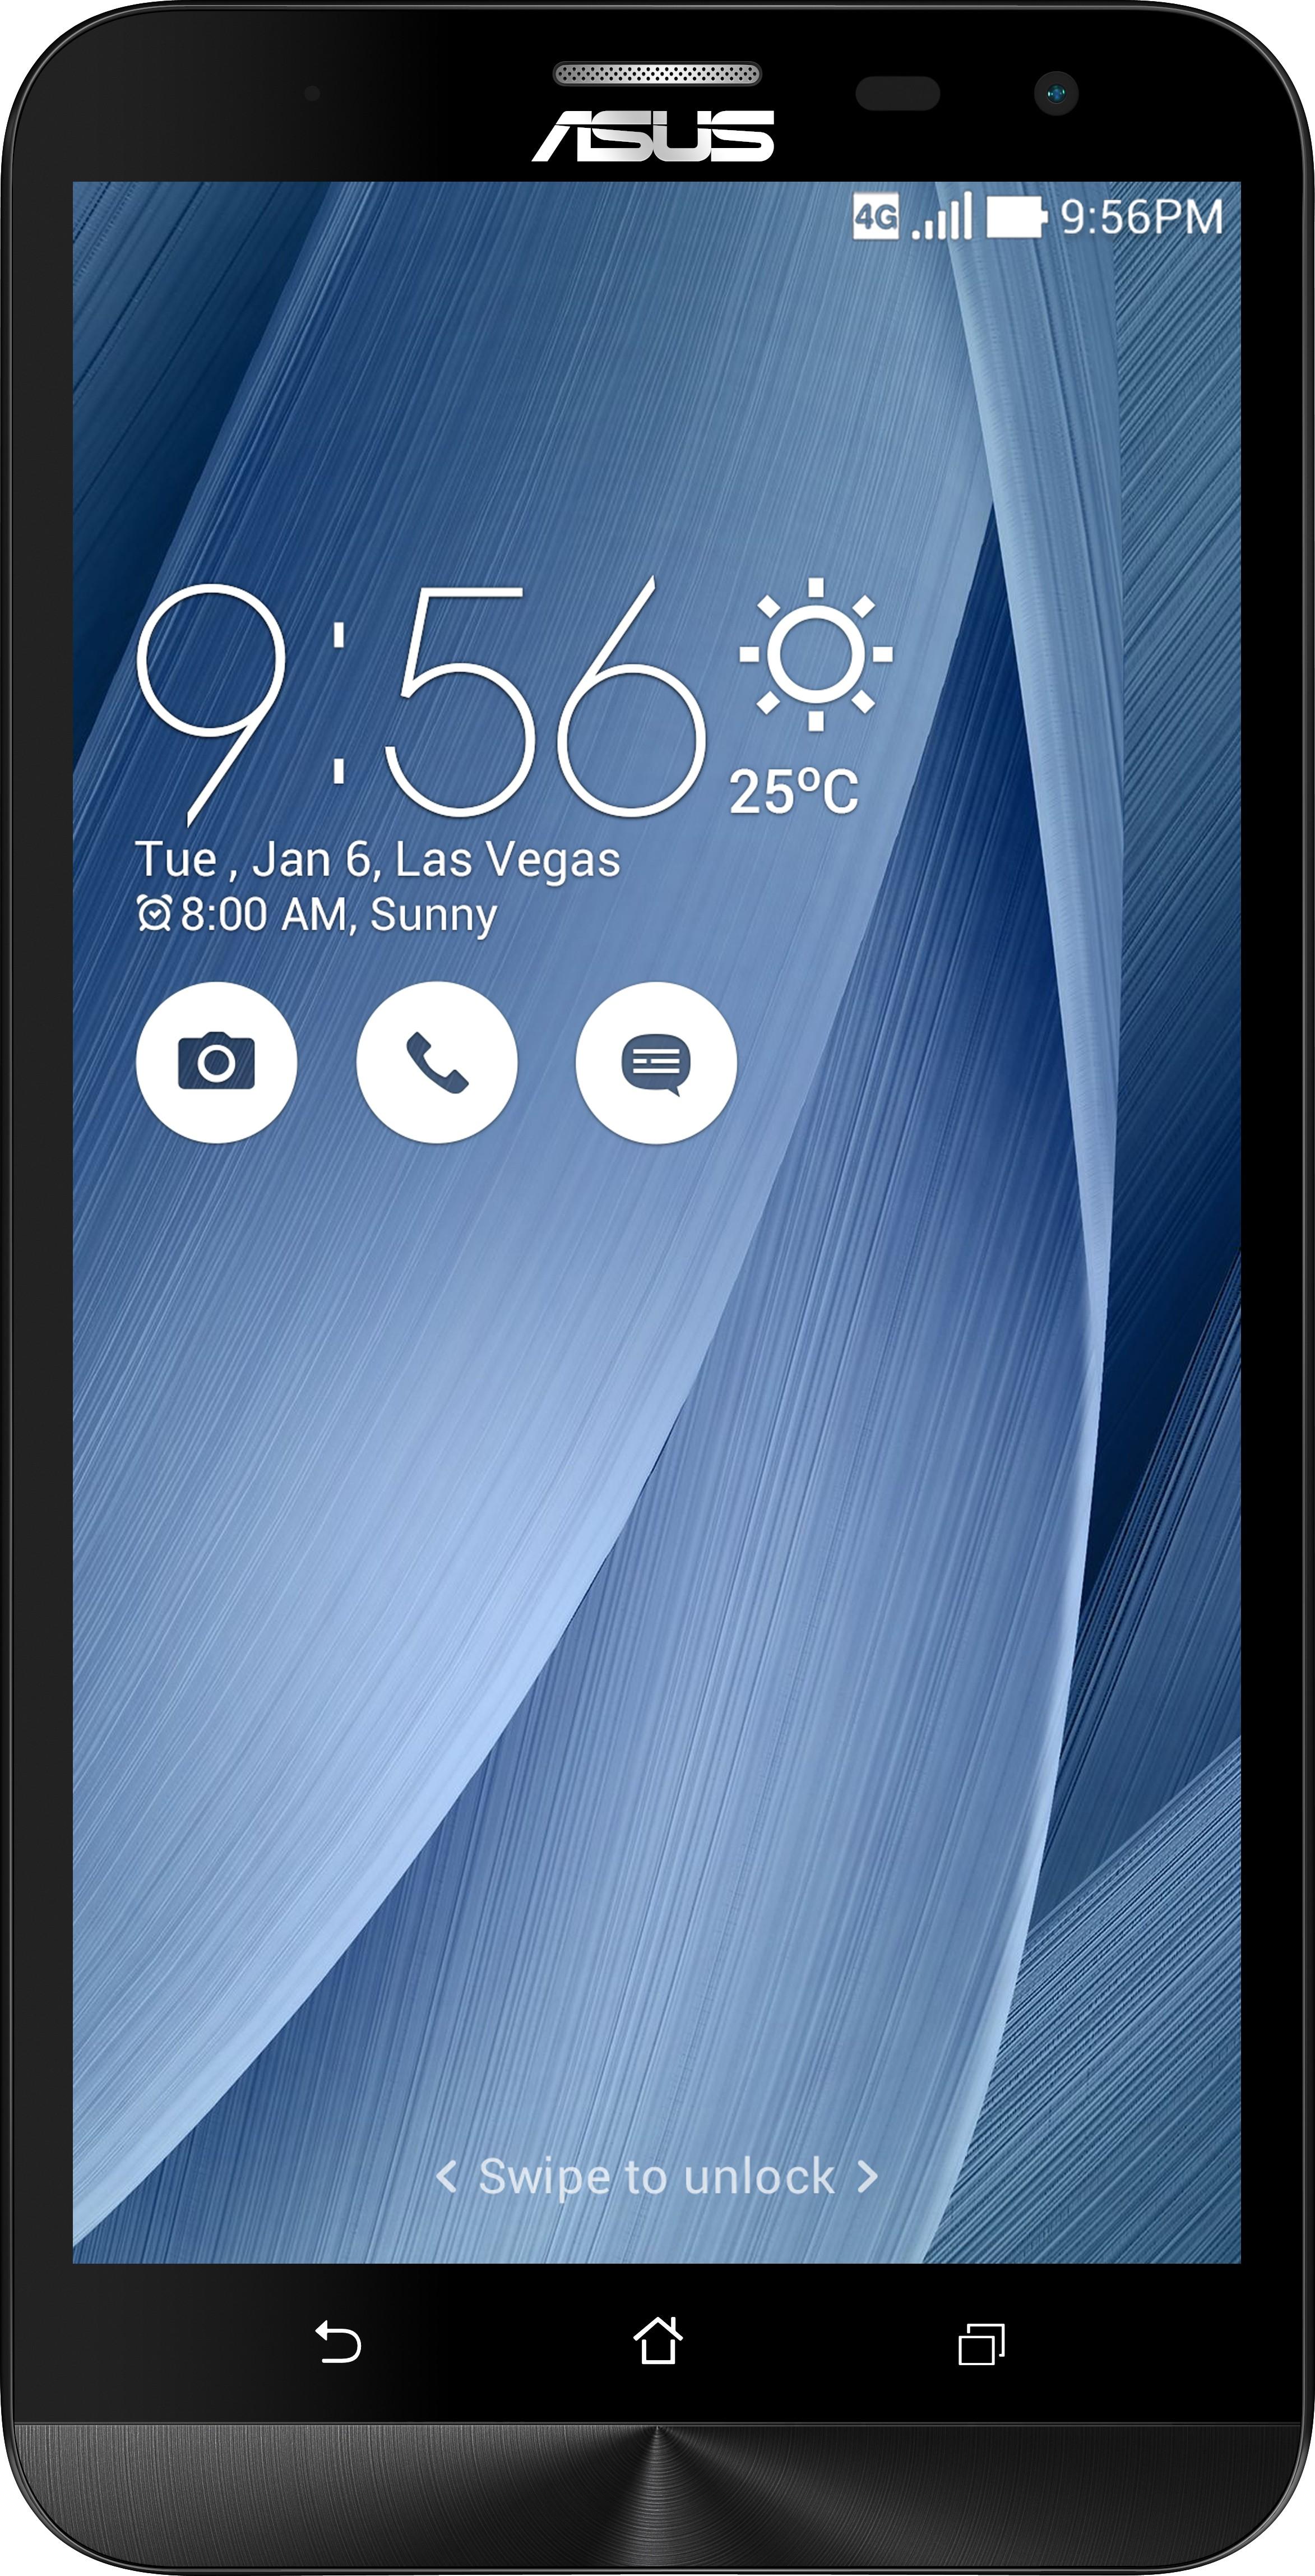 Asus Zenfone 2 Laser (3GB RAM, 32GB)